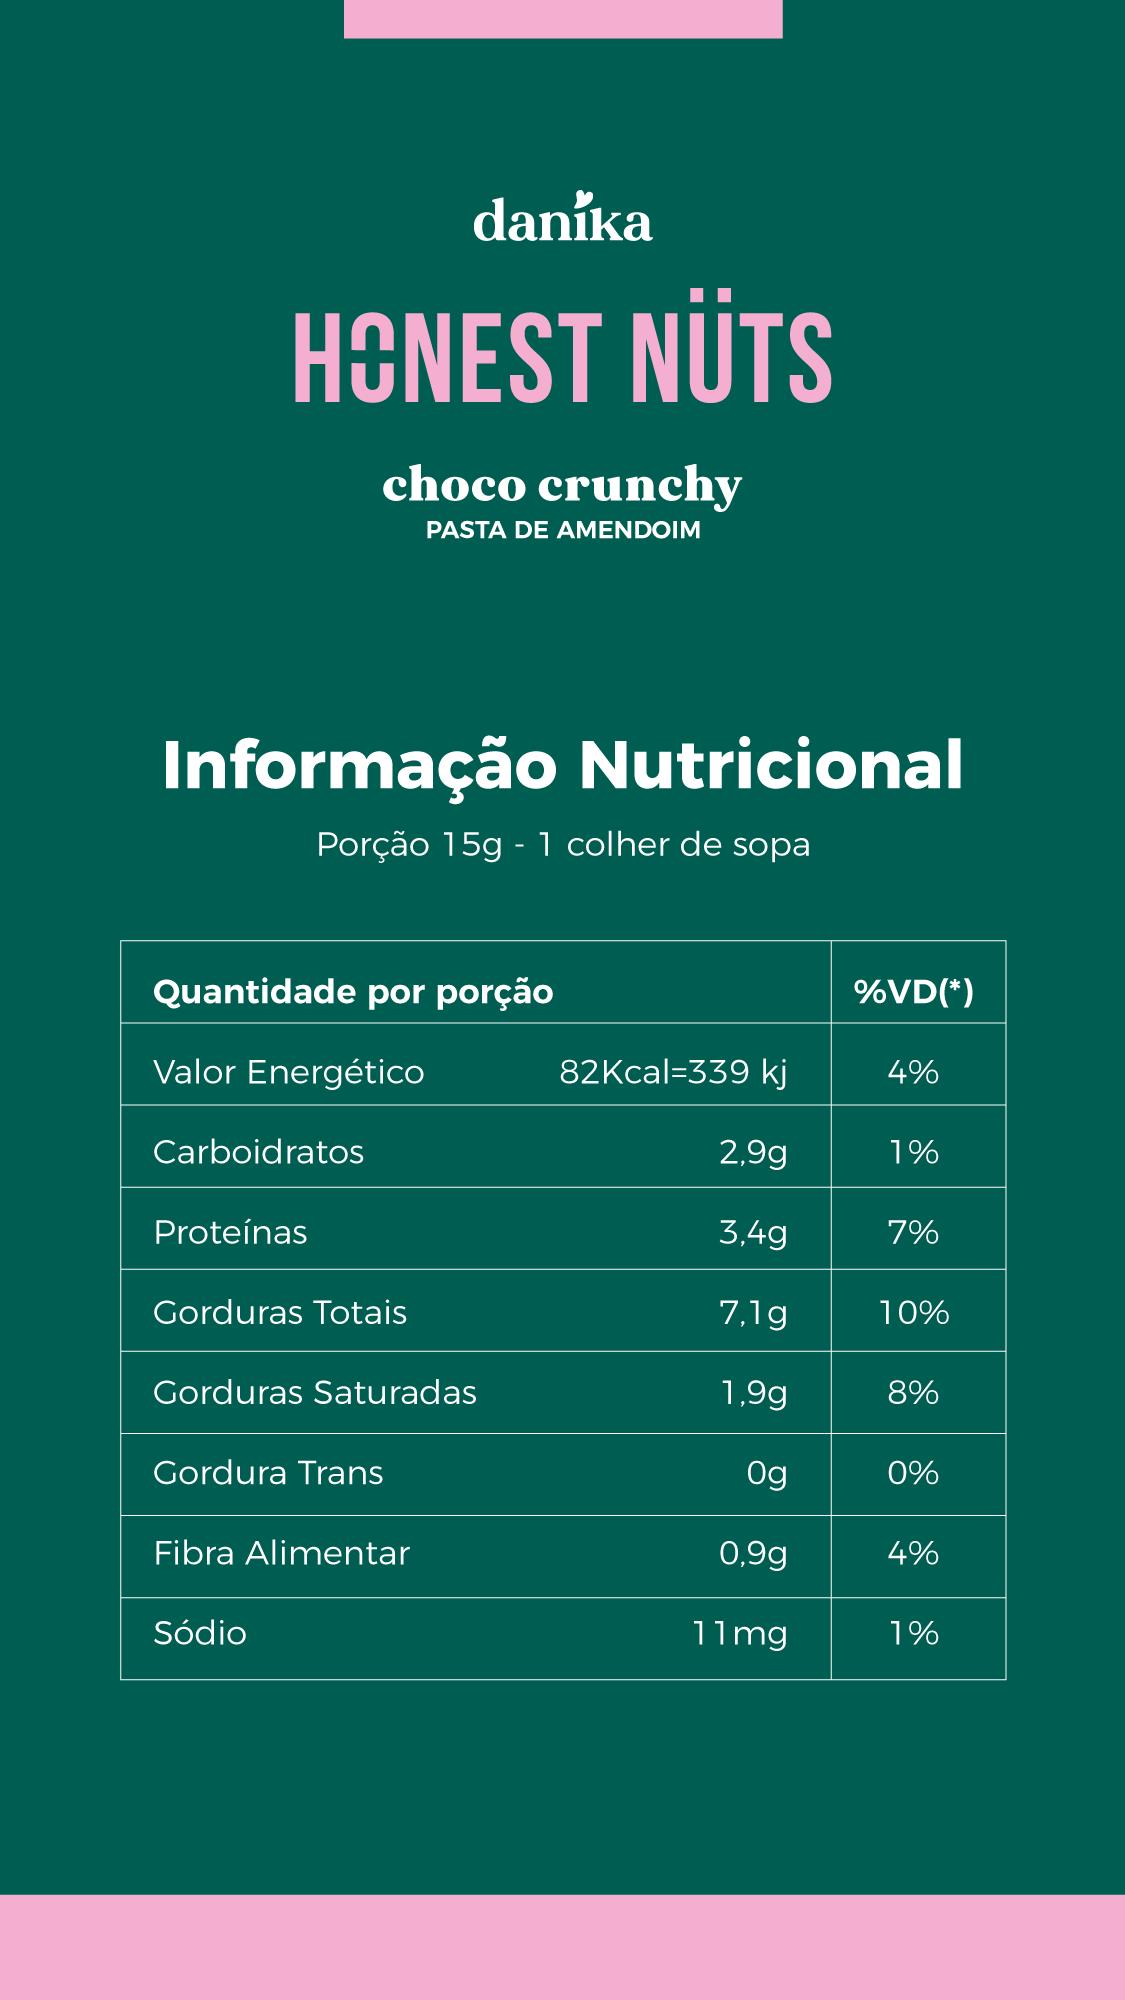 Choco Crunchy (600g)  - Honest Nuts